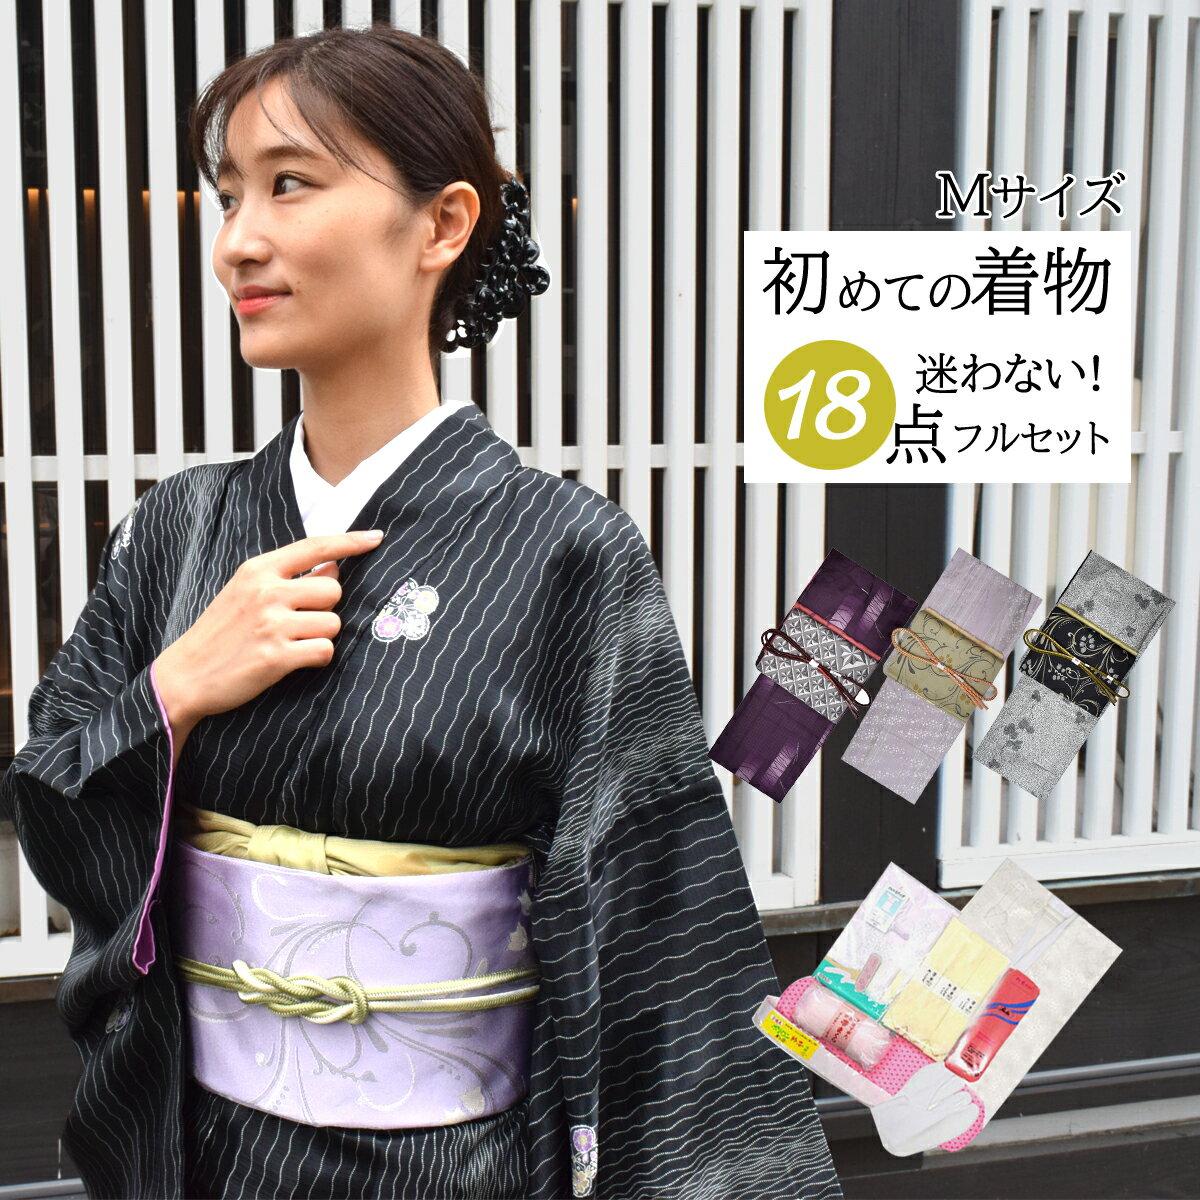 和服, 着物セット  18 M huku-2m